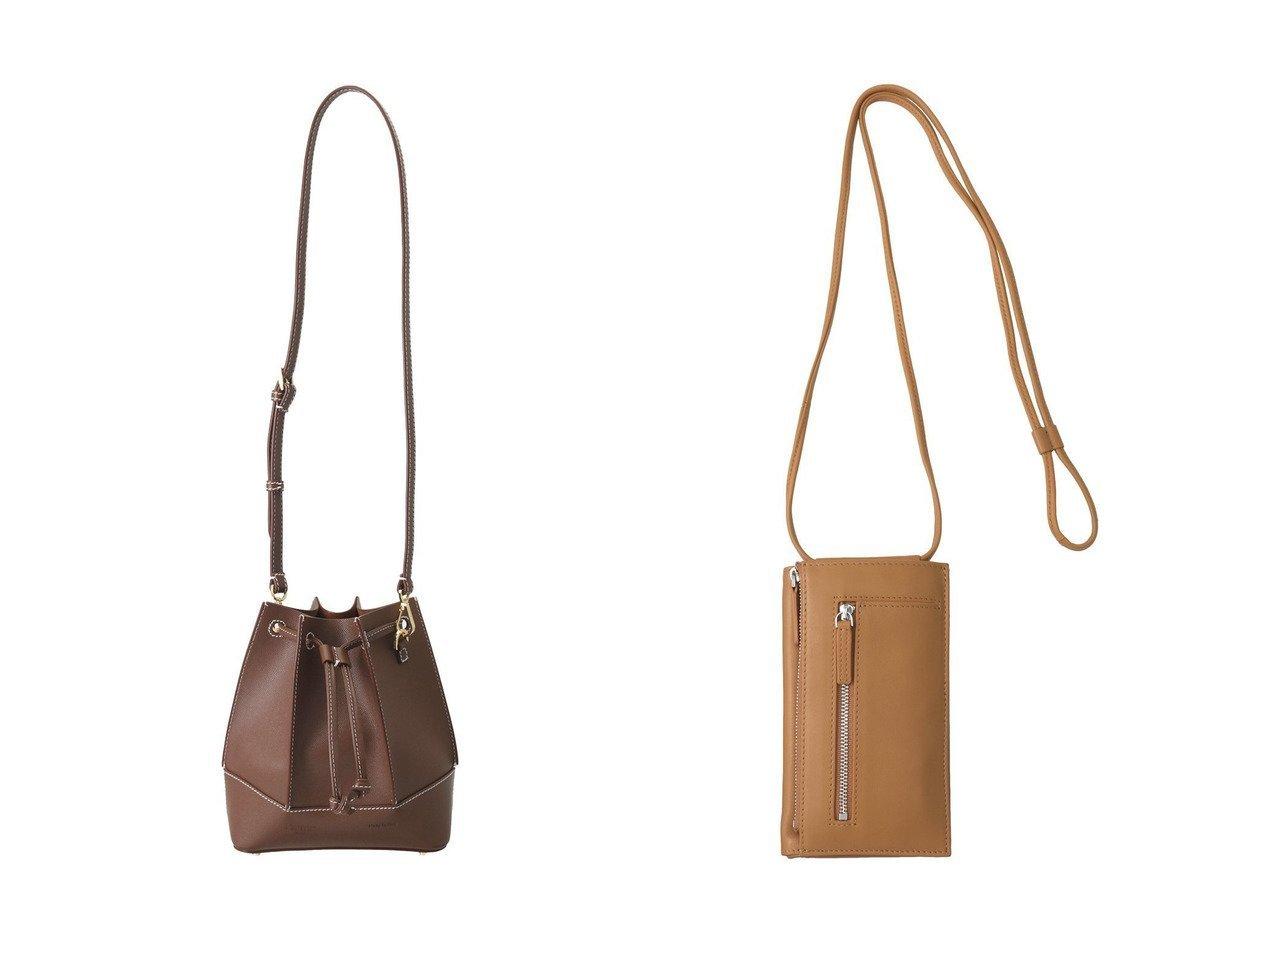 【Whim Gazette/ウィムガゼット】の【CASA】ECOバッグ付きモバイルウォレット&【martinique/マルティニーク】の【elleme】巾着バッグ 【バッグ・鞄】おすすめ!人気、トレンド・レディースファッションの通販 おすすめで人気の流行・トレンド、ファッションの通販商品 メンズファッション・キッズファッション・インテリア・家具・レディースファッション・服の通販 founy(ファニー) https://founy.com/ ファッション Fashion レディースファッション WOMEN バッグ Bag コンパクト ハンドバッグ フォルム 巾着 なめらか ショルダー スマート  ID:crp329100000032406